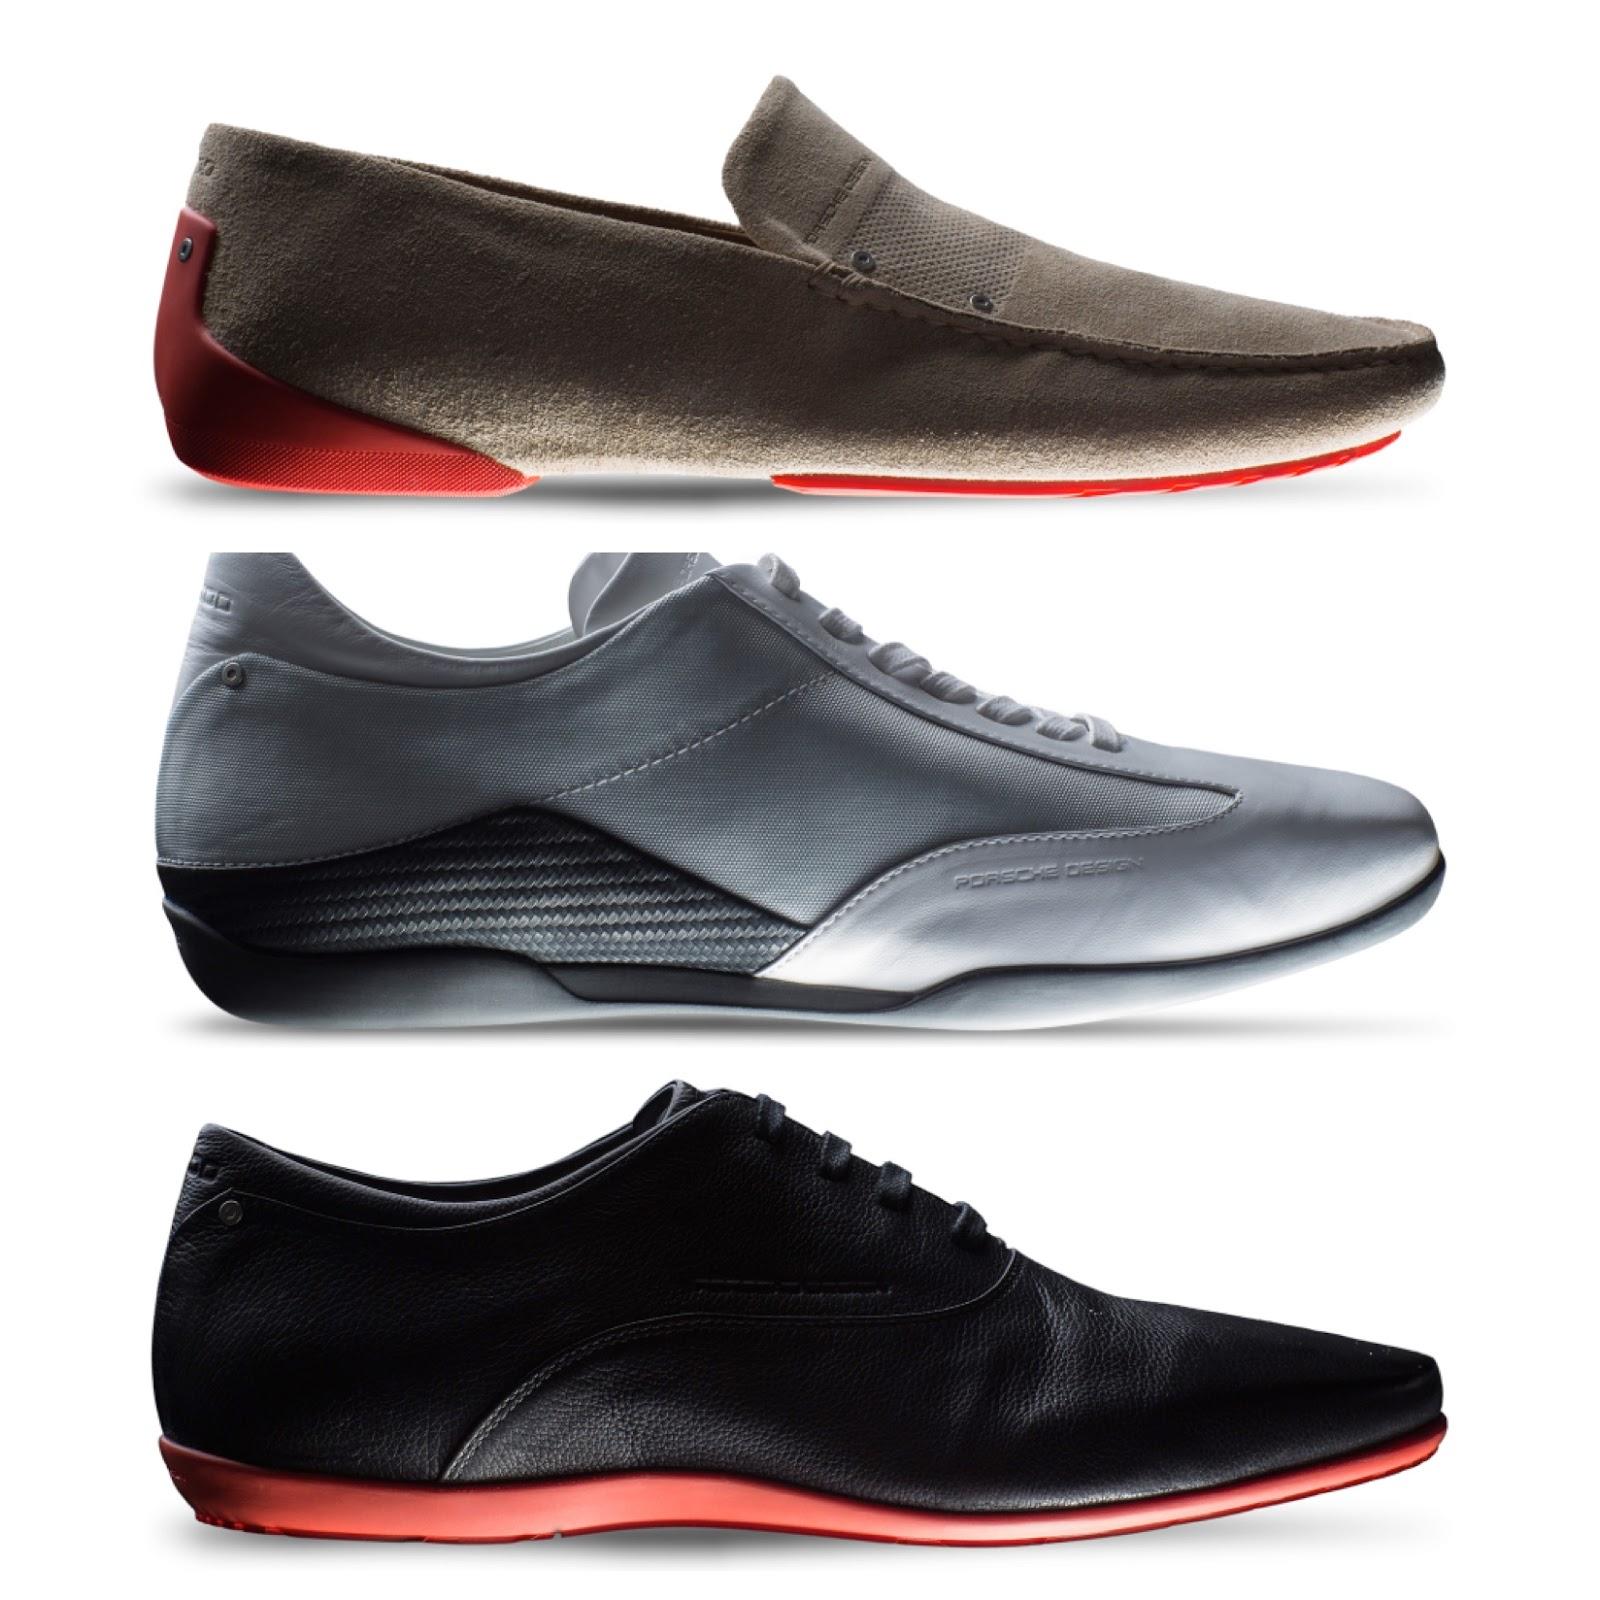 Porsche Design Summer 2014 Shoes Collection